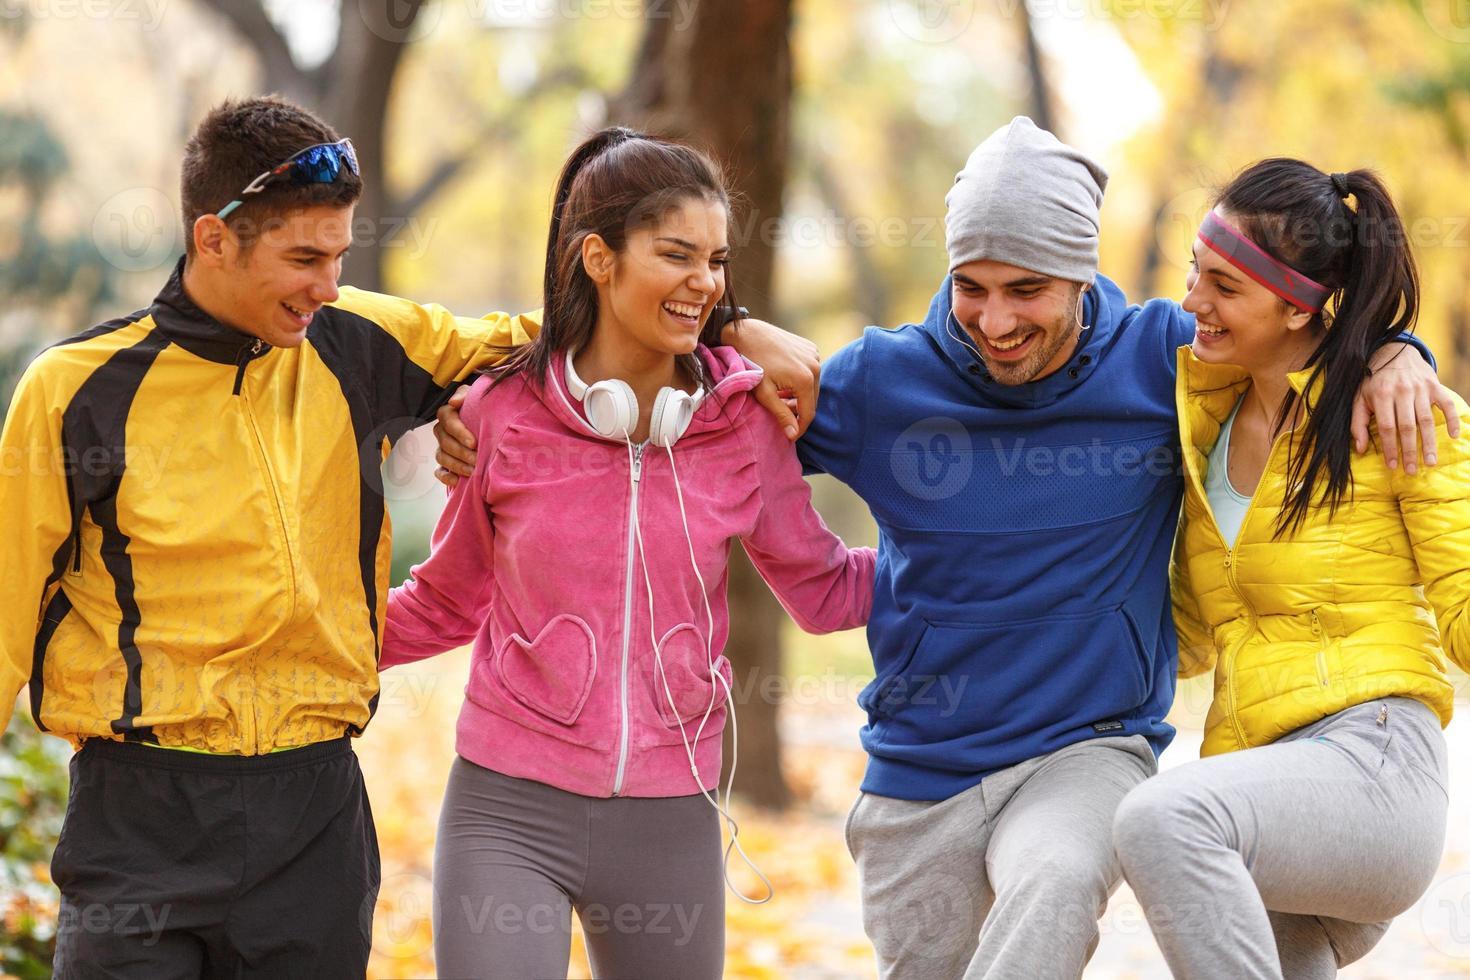 Autumn jogging photo